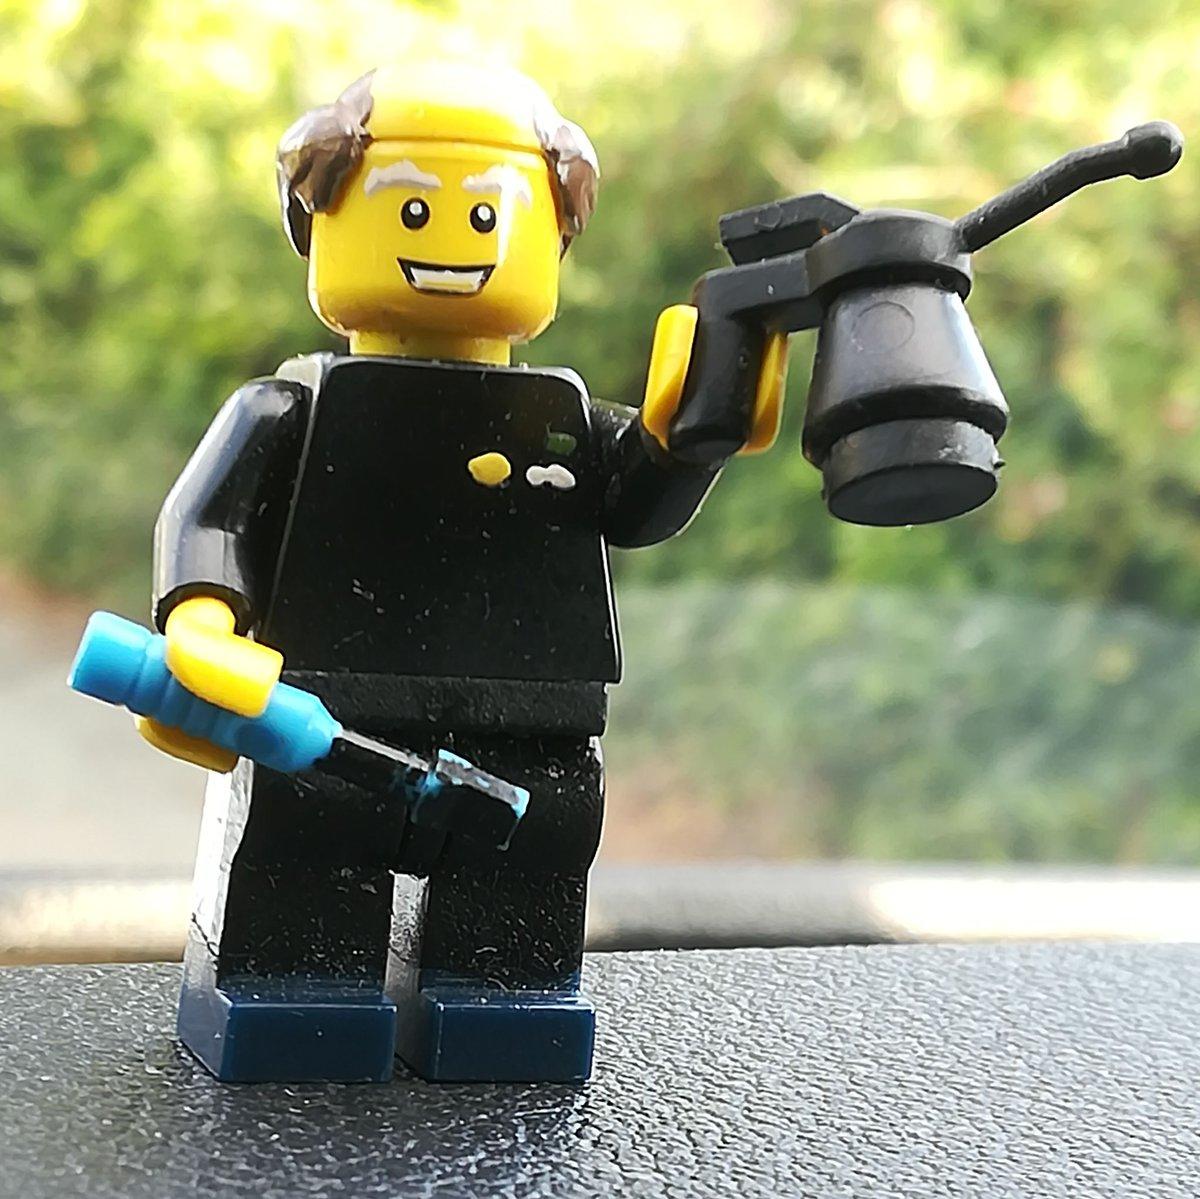 lego baler engineer - @Simonwellsphs Twitter Profile and